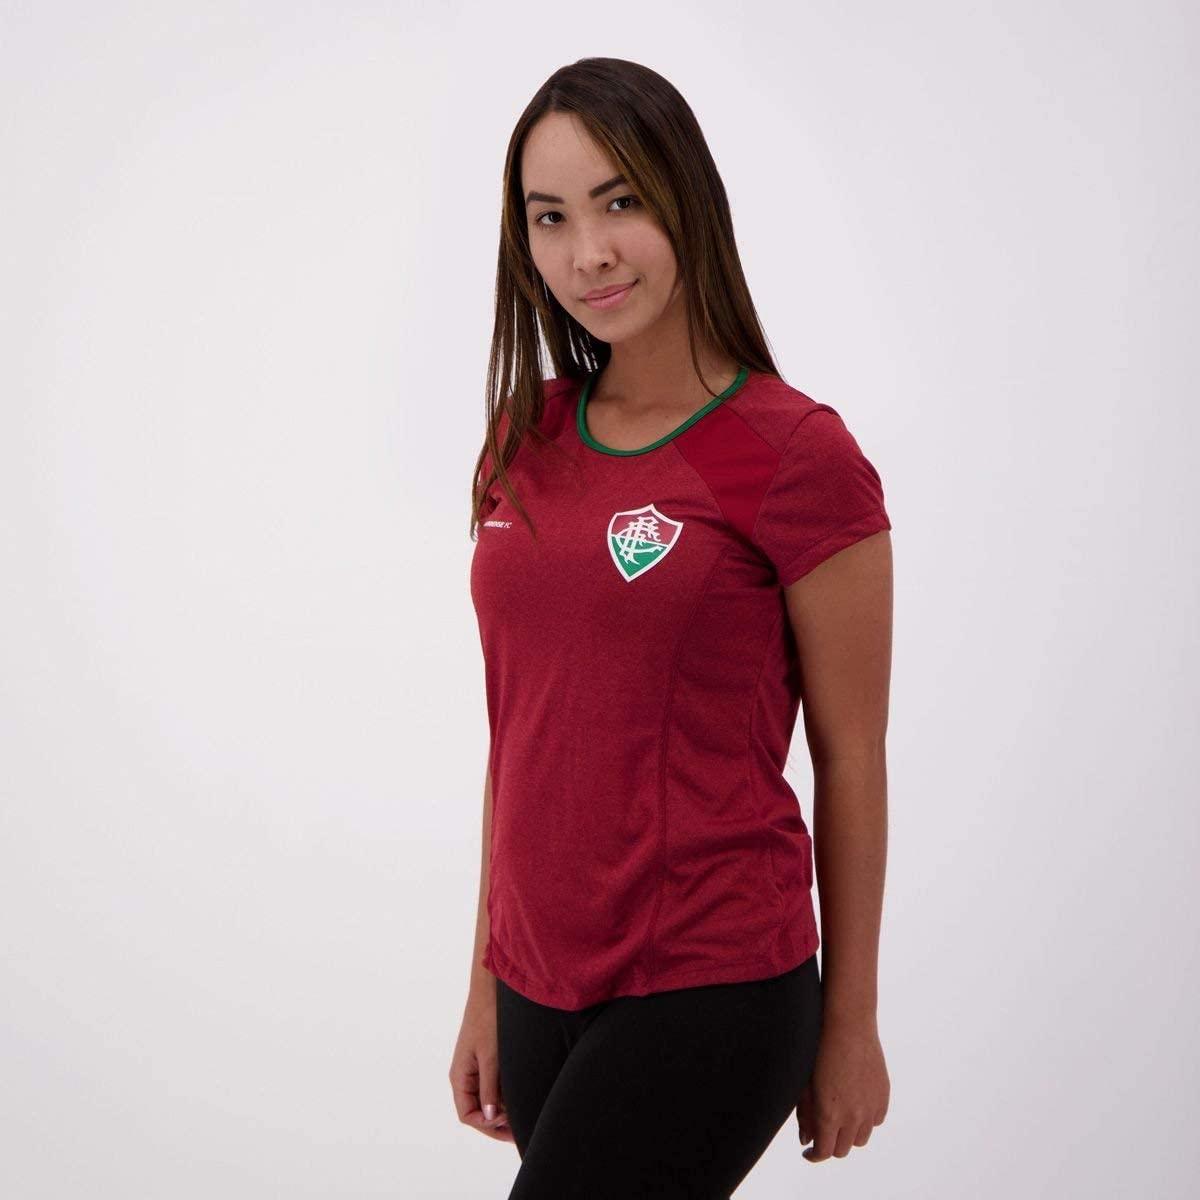 Camisa Fluminense CAB Feminina